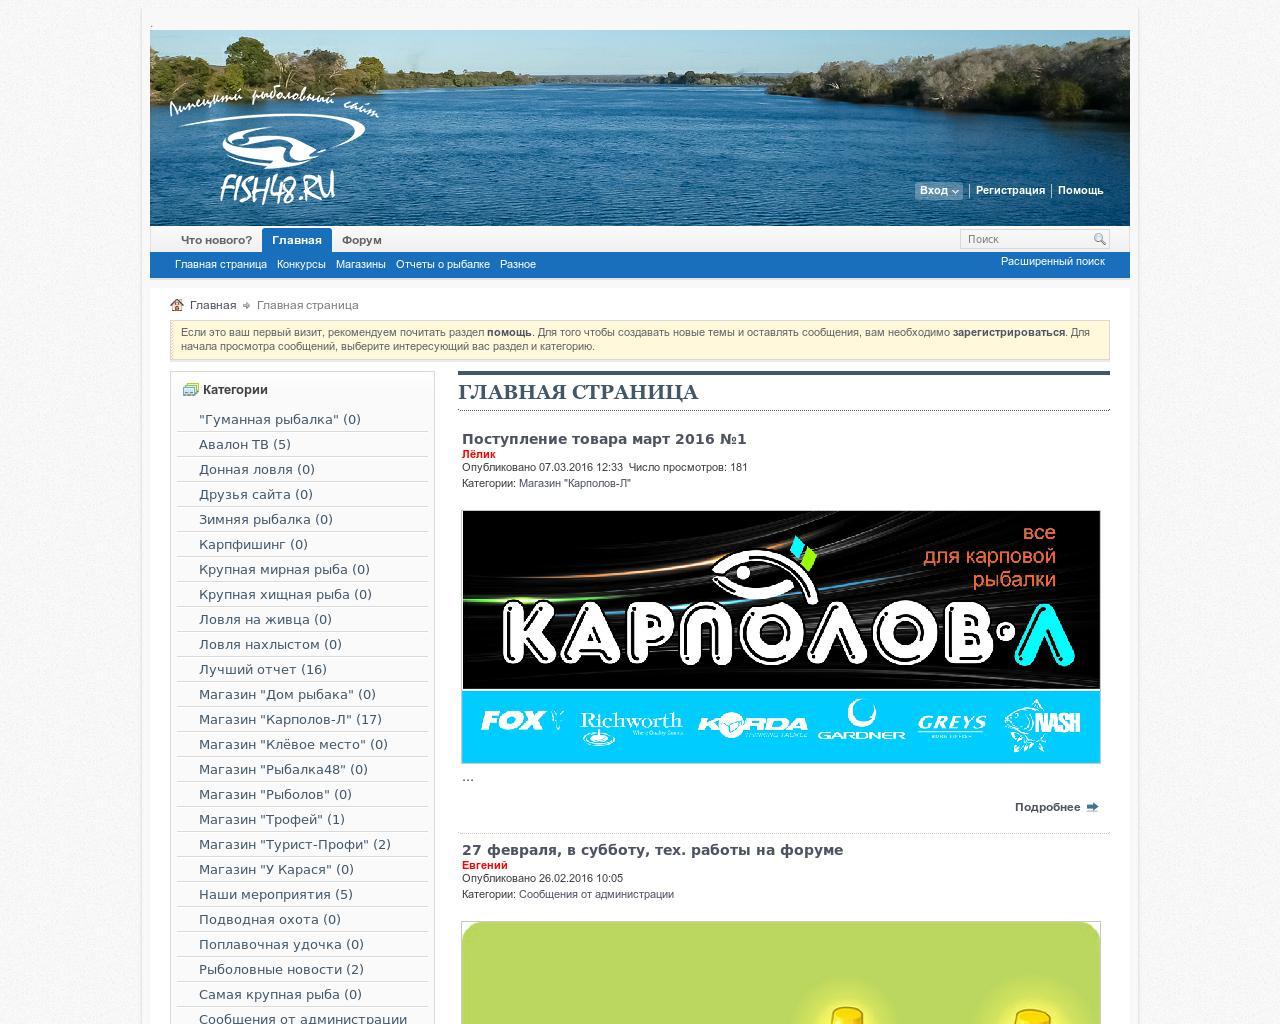 хорошие рыболовные сайты